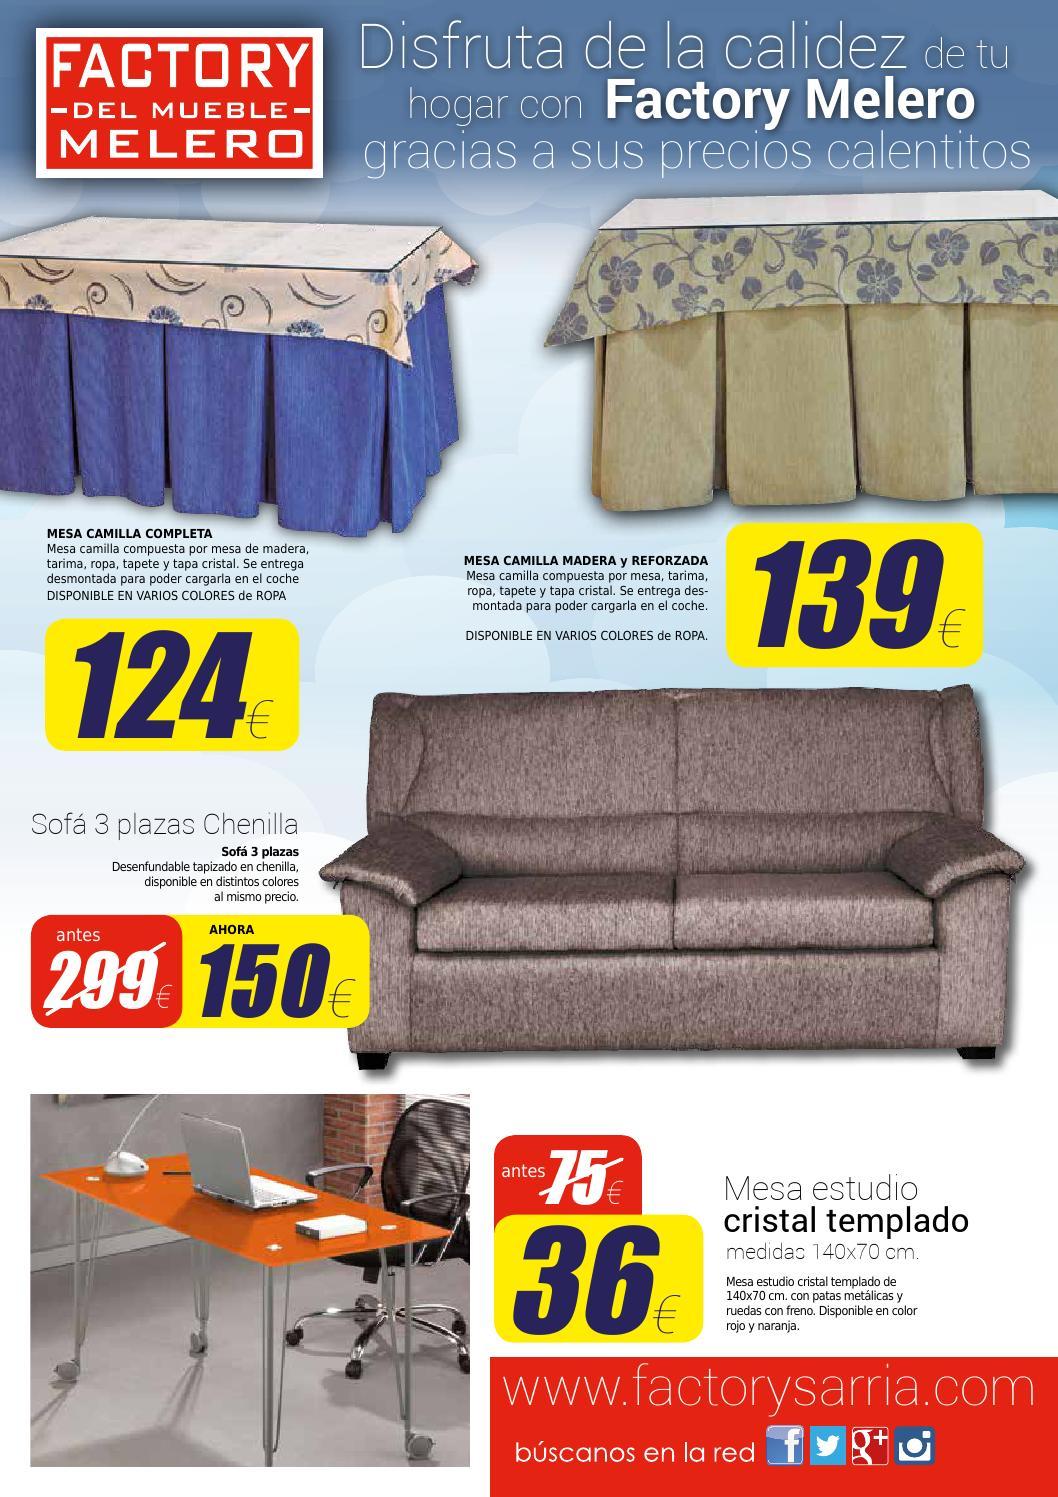 Muebles sarria dos hermanas free trendy factory del for Factory del mueble cordoba